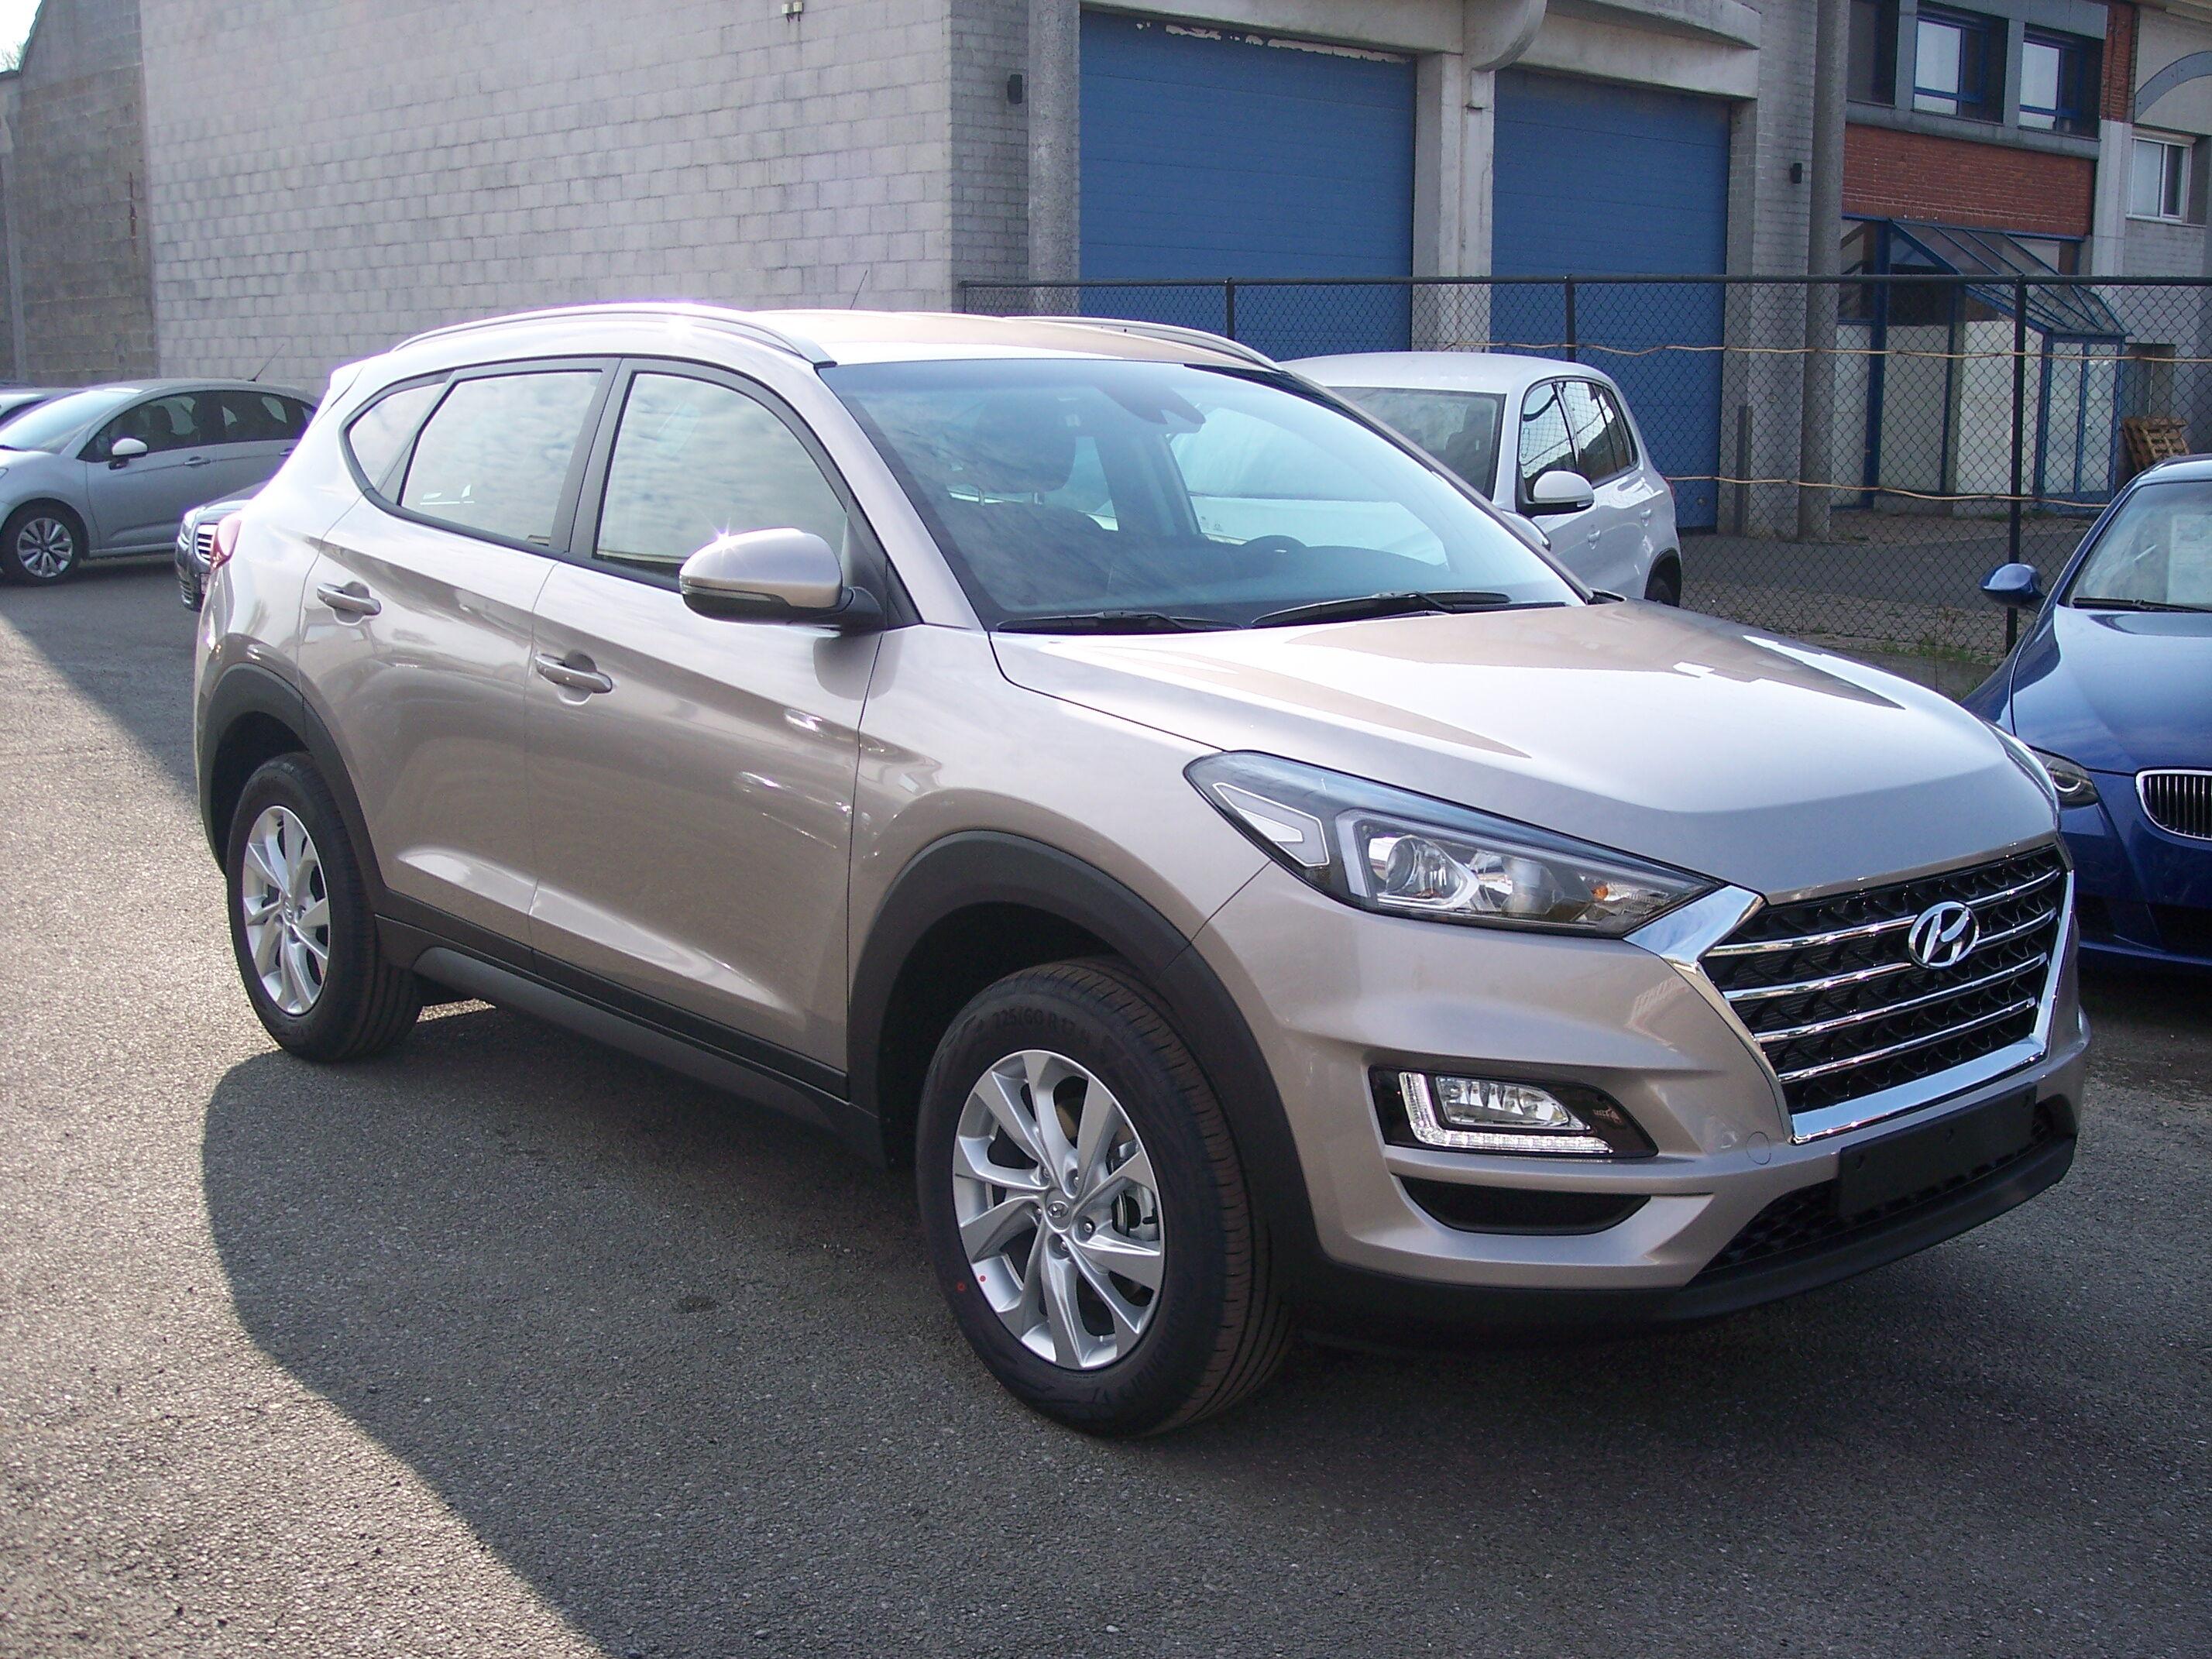 Hyundai Tuson NEW TUCSON 1.6 GDI ISG 10/19